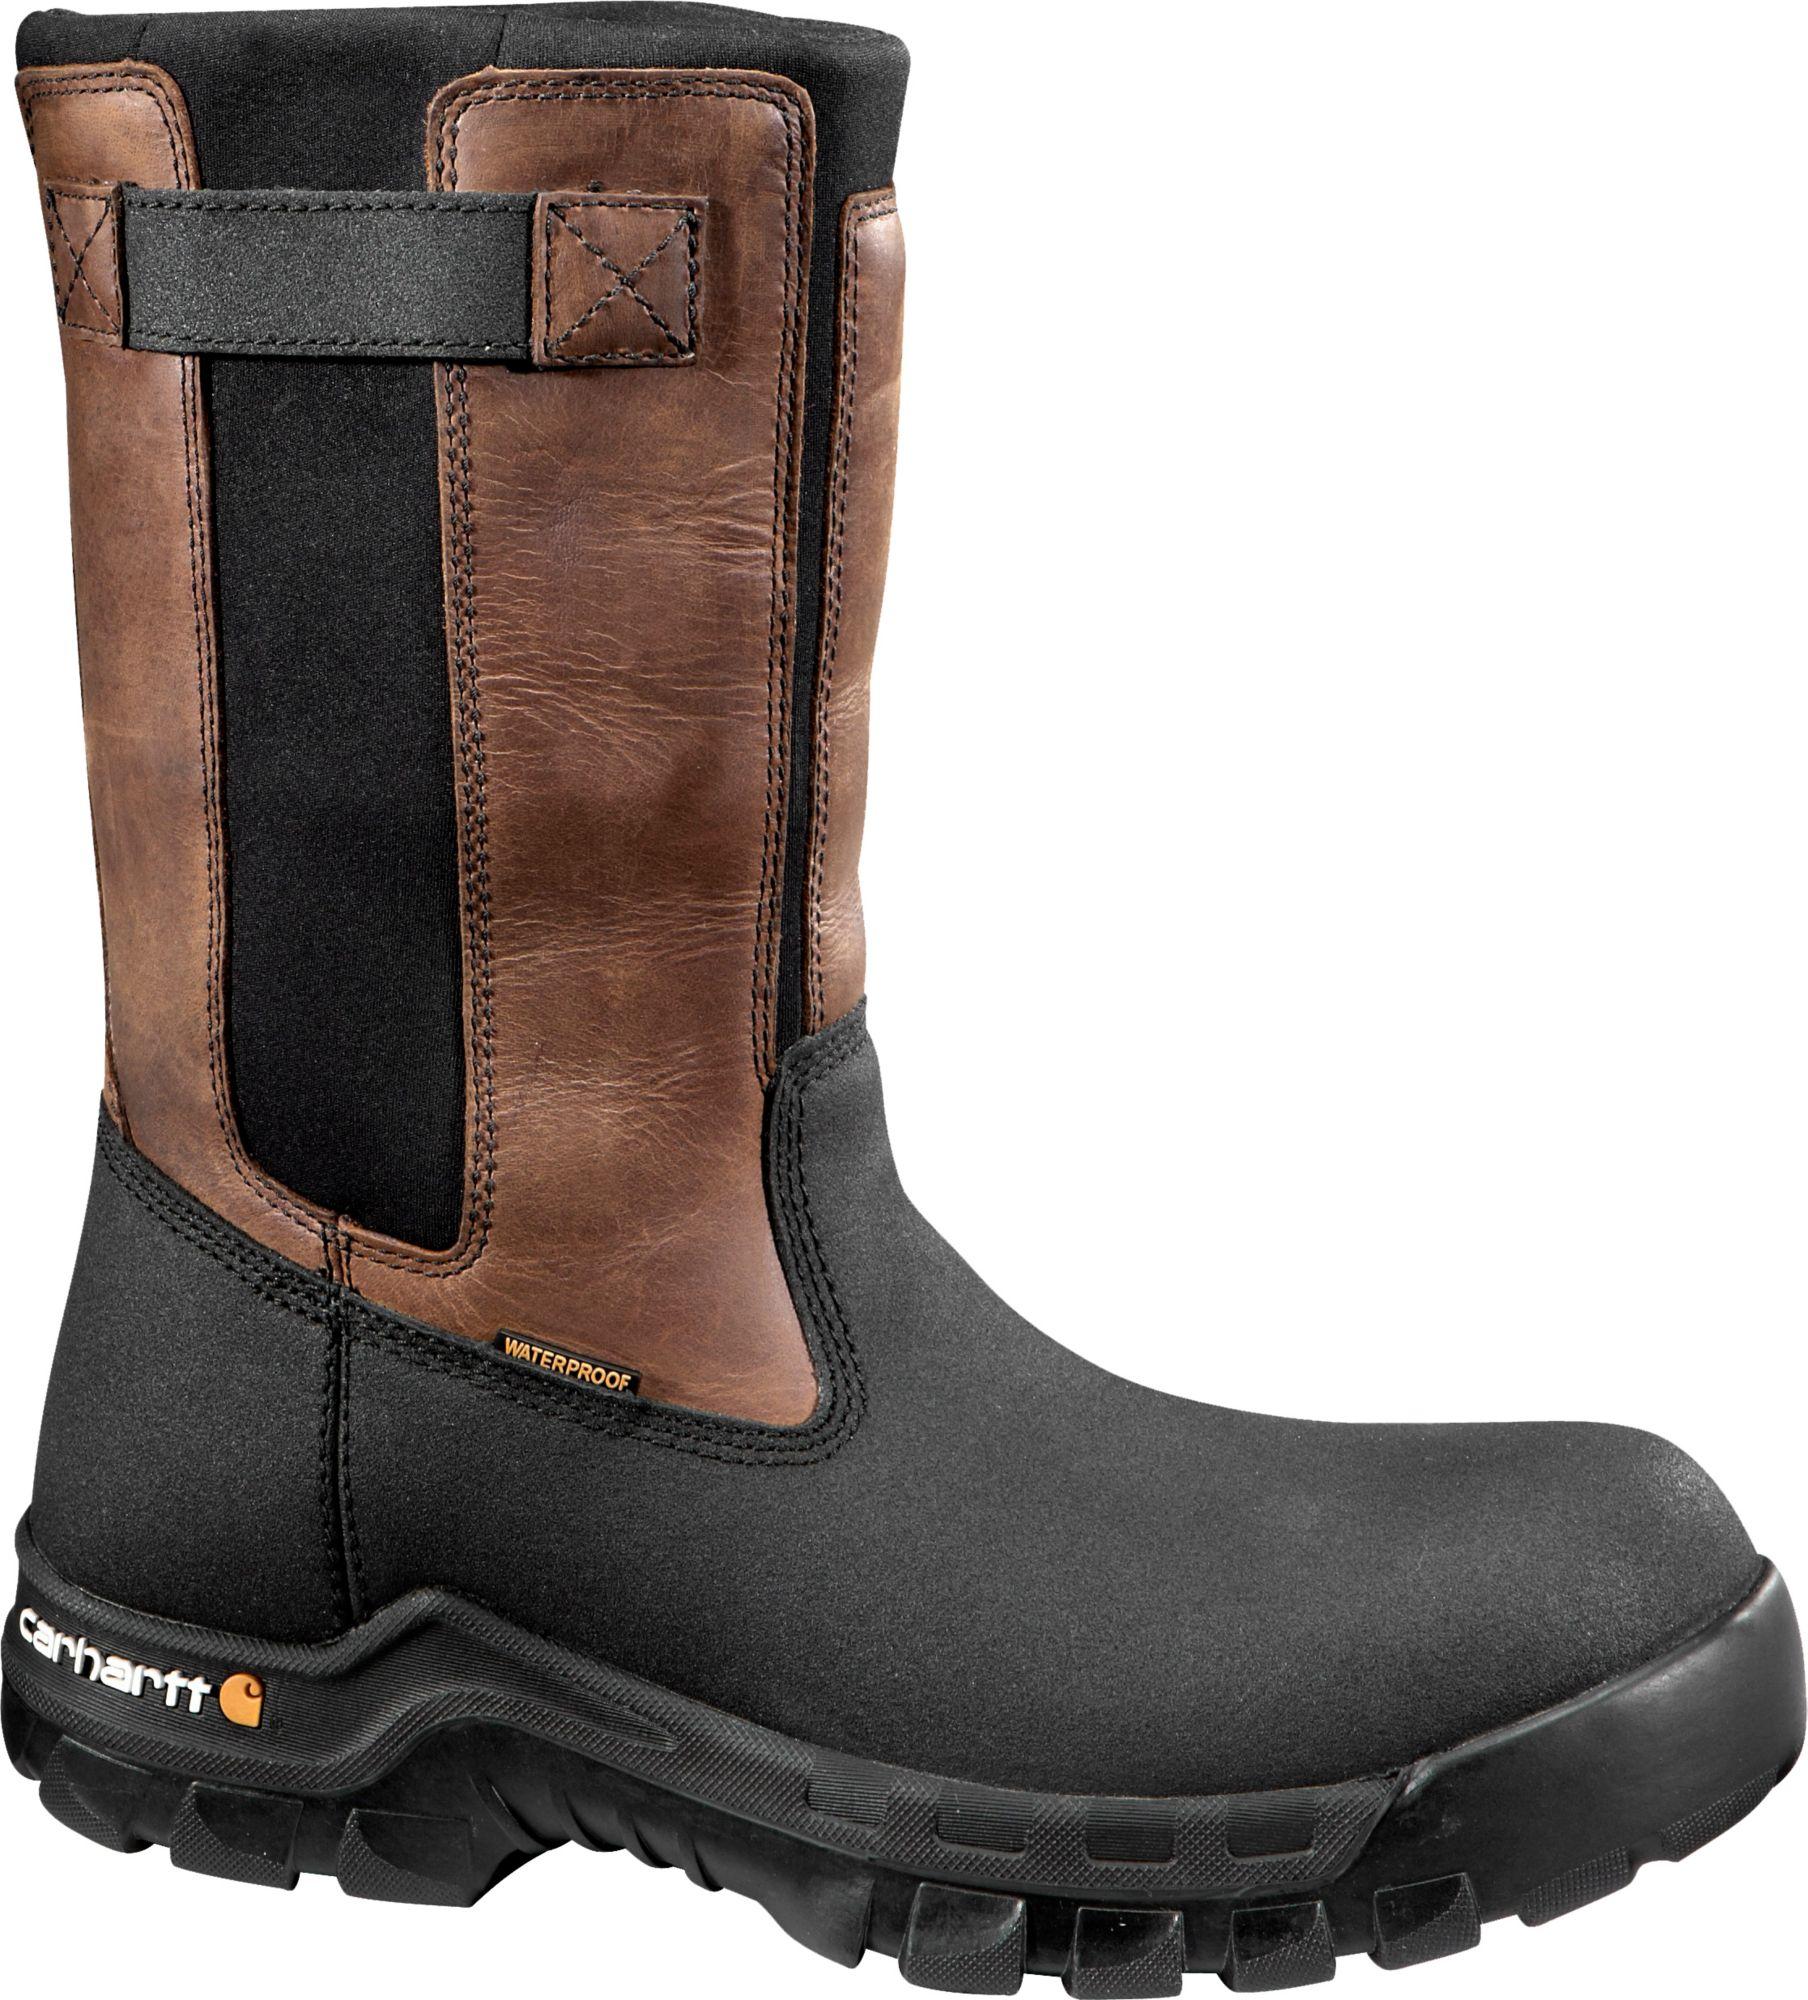 Men's Carhartt Flex Mud Wellington 11'' Composite Toe Work Boots Brown K77s8381